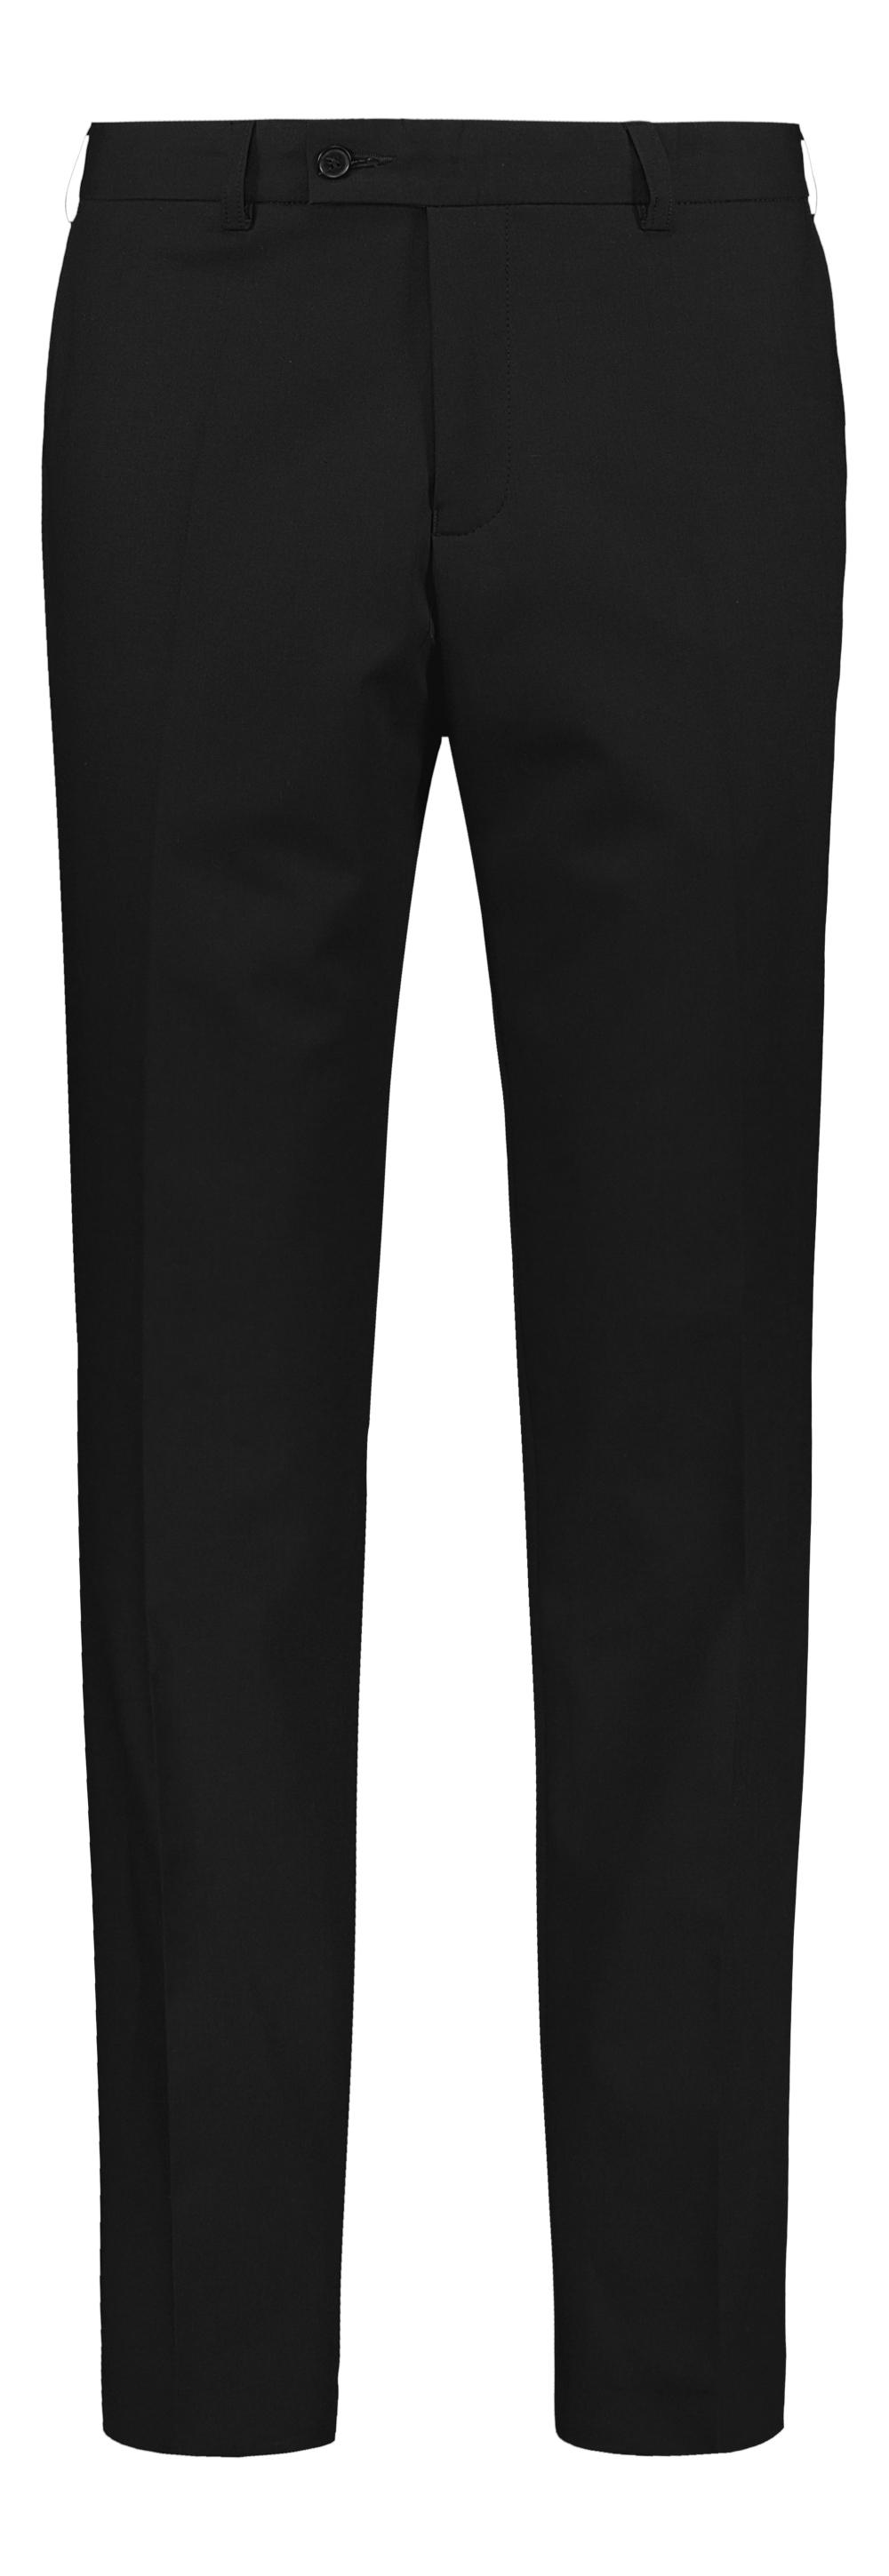 William miesten housut, musta